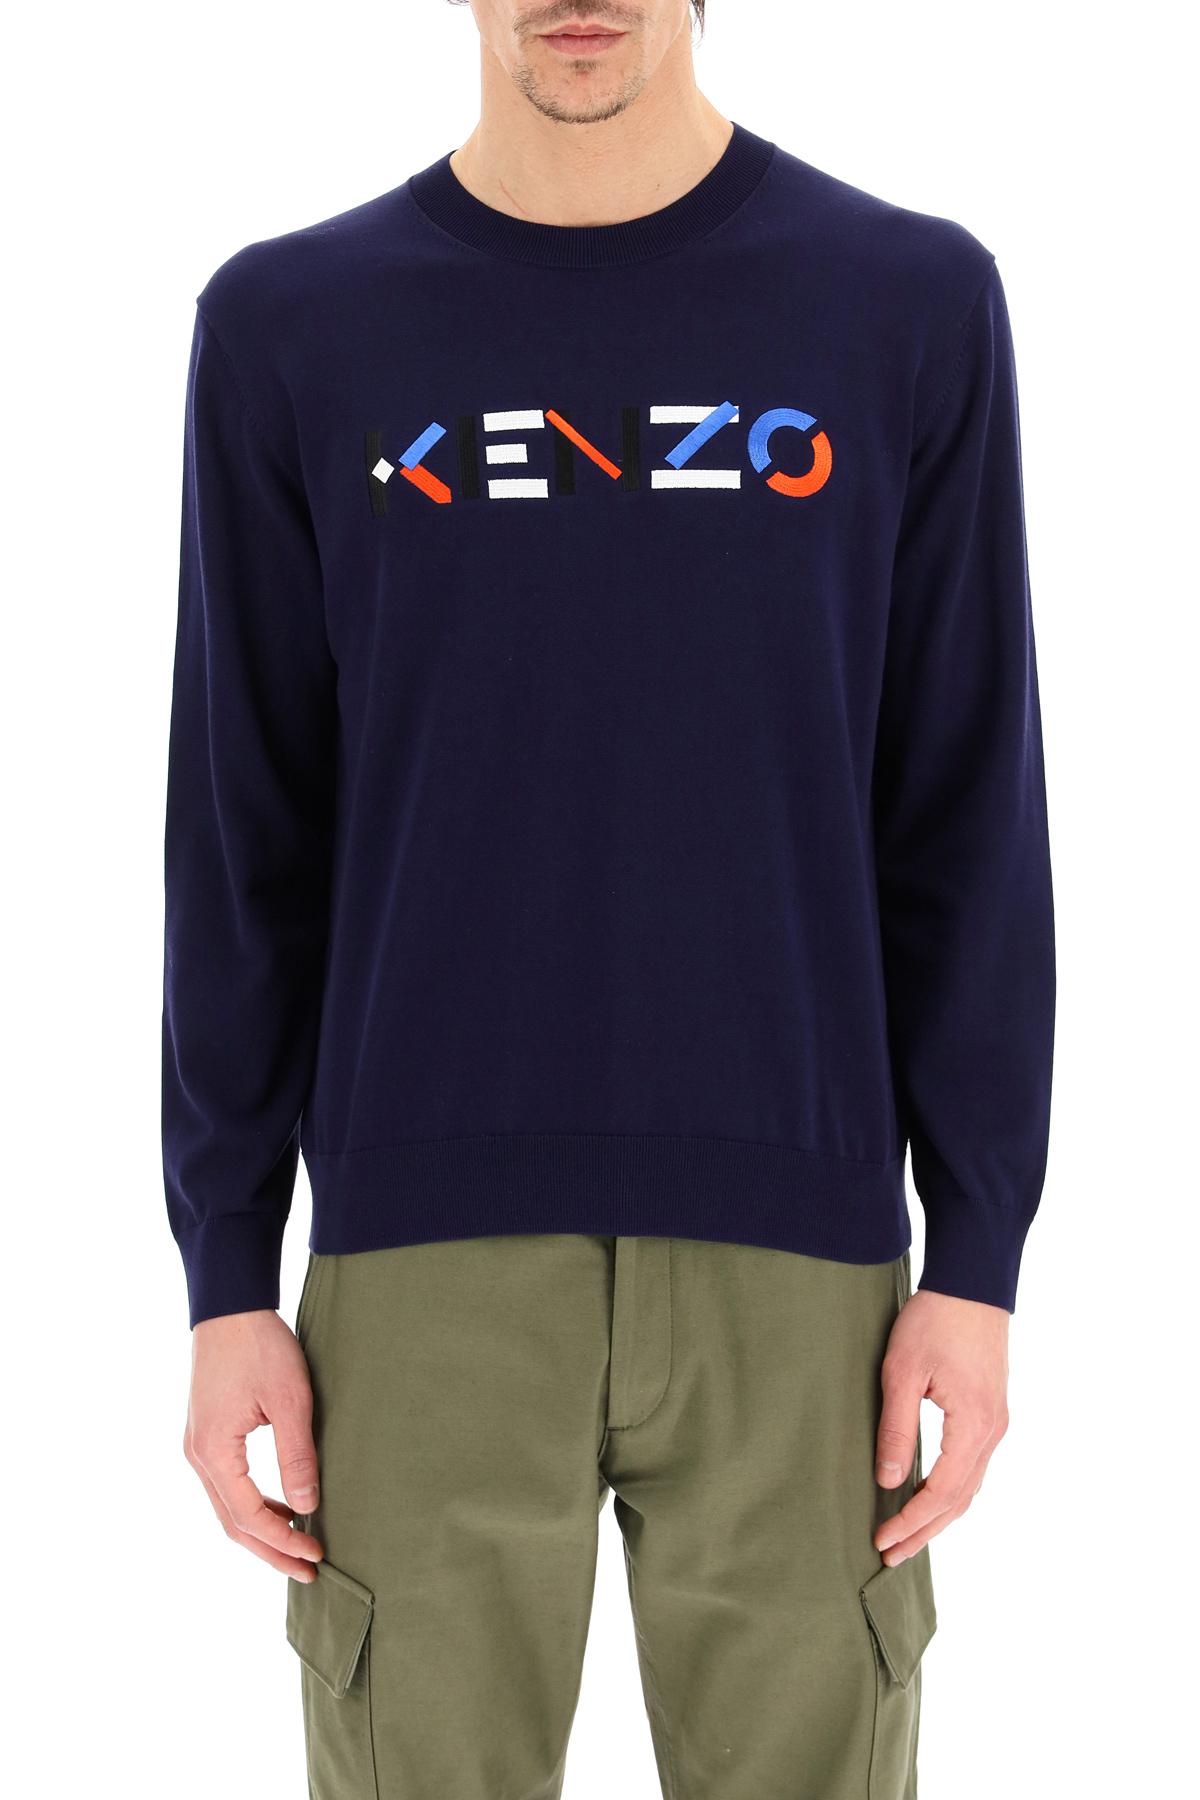 Kenzo pullover ricamo logo multicolor